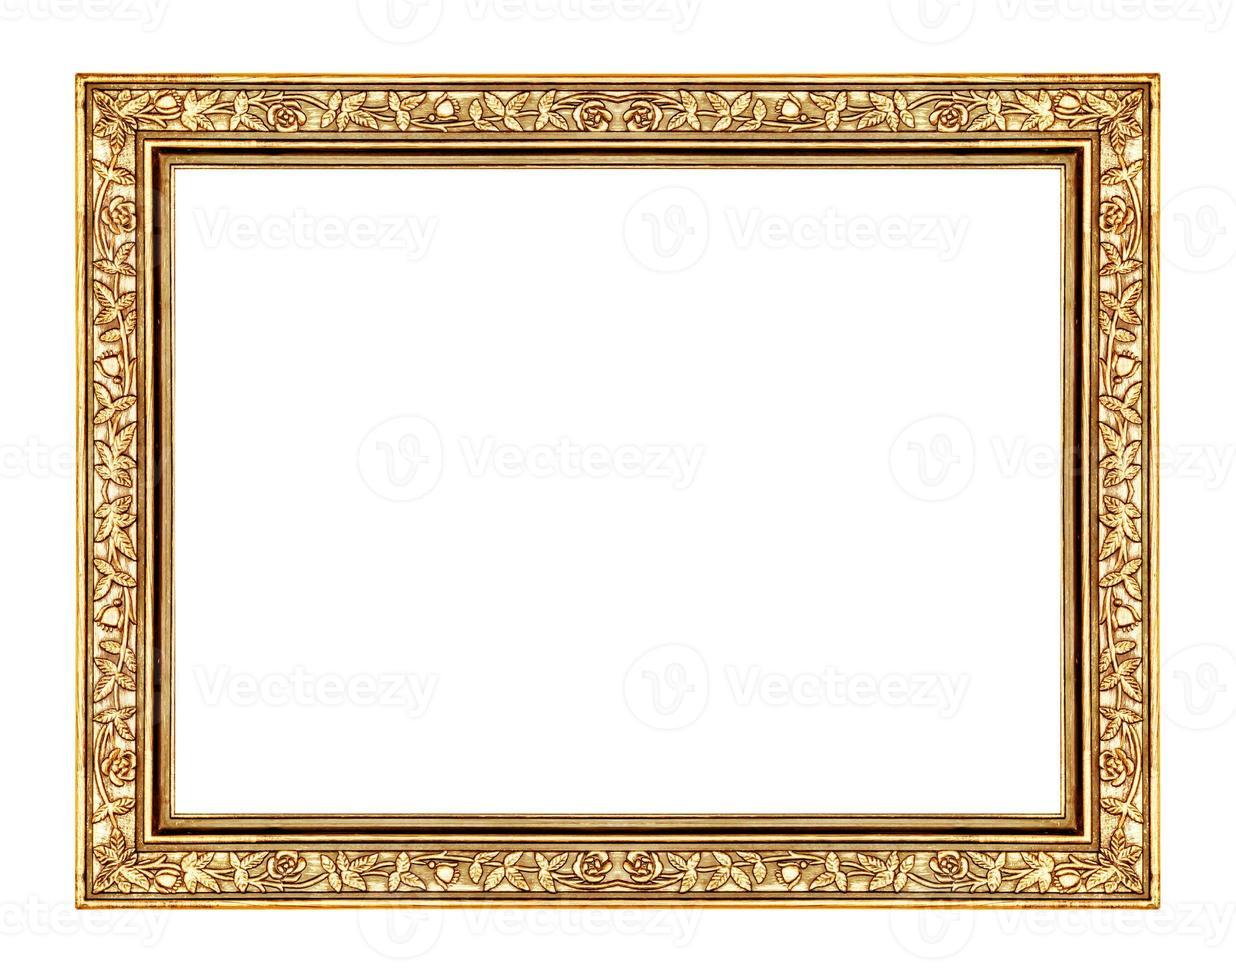 imagem moldura dourada isolada no fundo branco e caminho de recorte foto